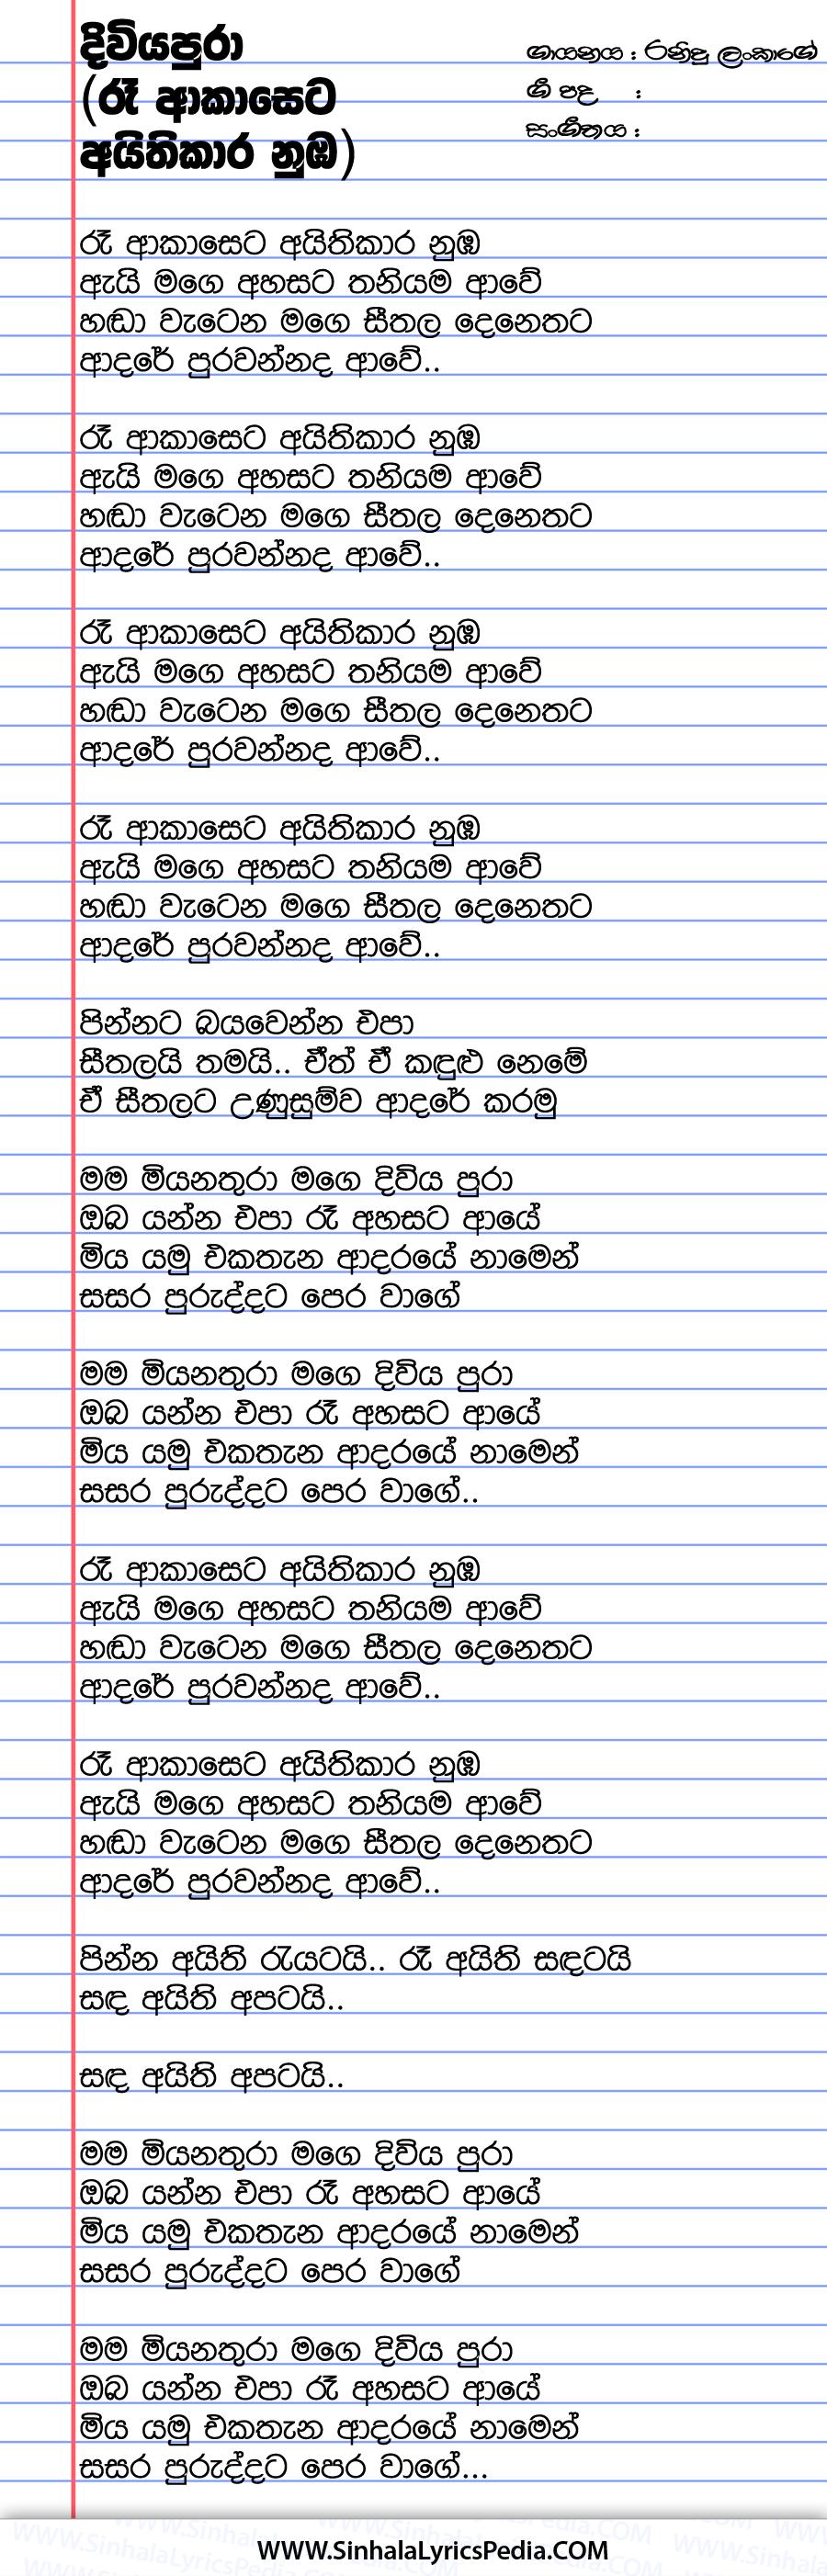 Diviyapura (Re Akaseta Aithi Kara) Song Lyrics